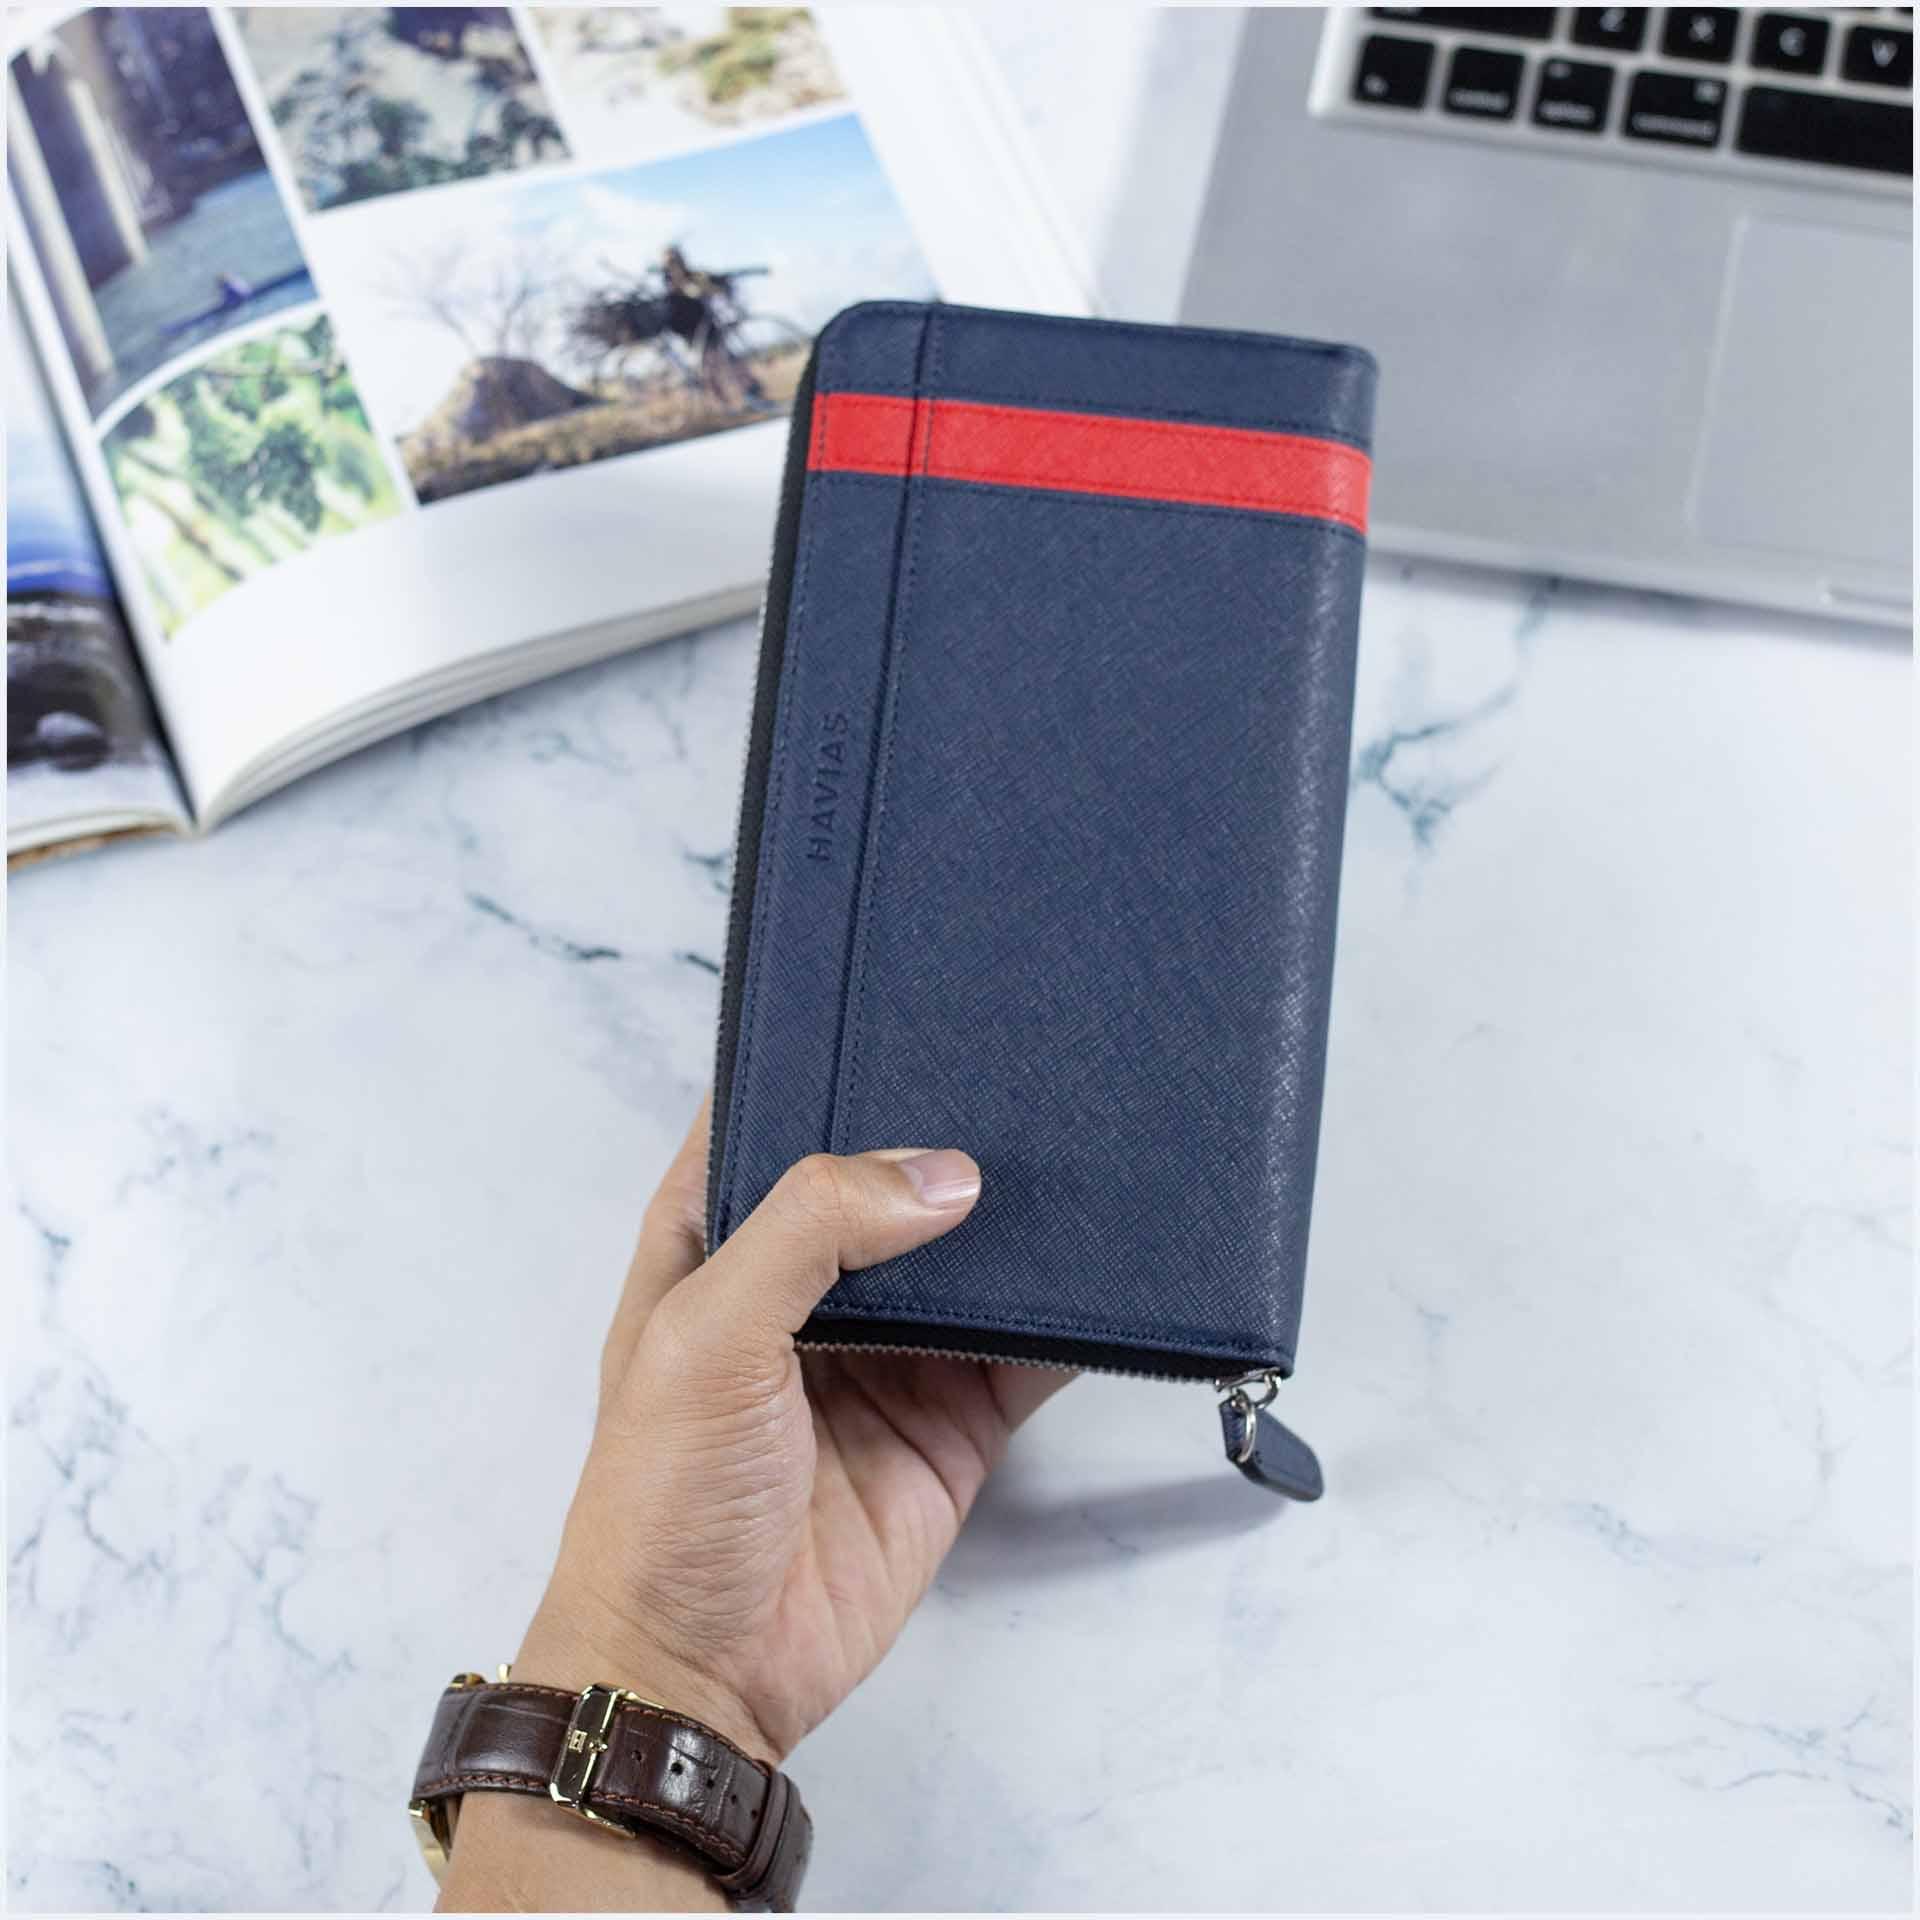 Bóp ví nam dài khóa kéo da thật - Thiết kế chuẩn cho cuộc sống hiện đại